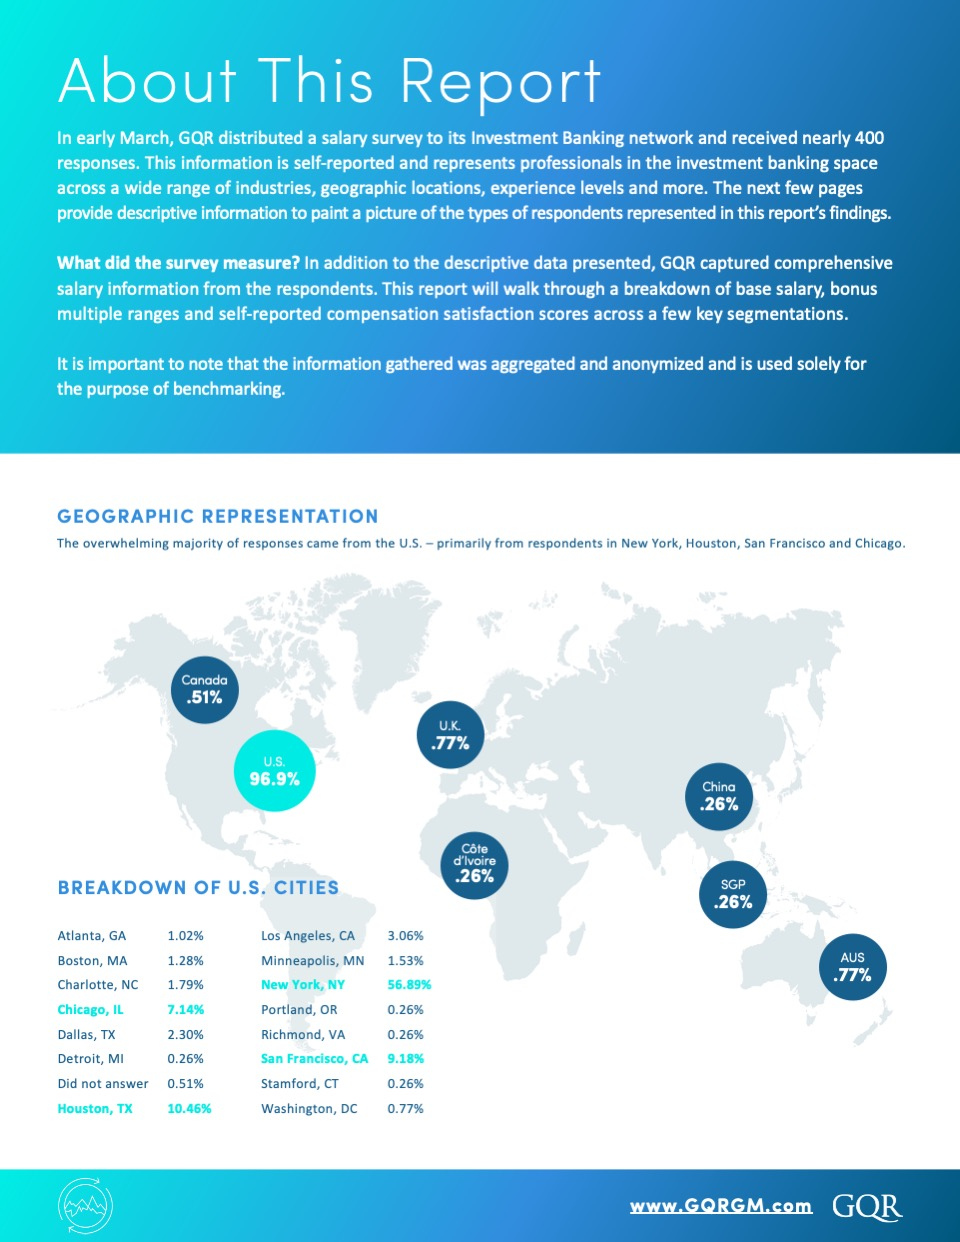 Middle market investment banks salary survey brendel investments bismarck nd map